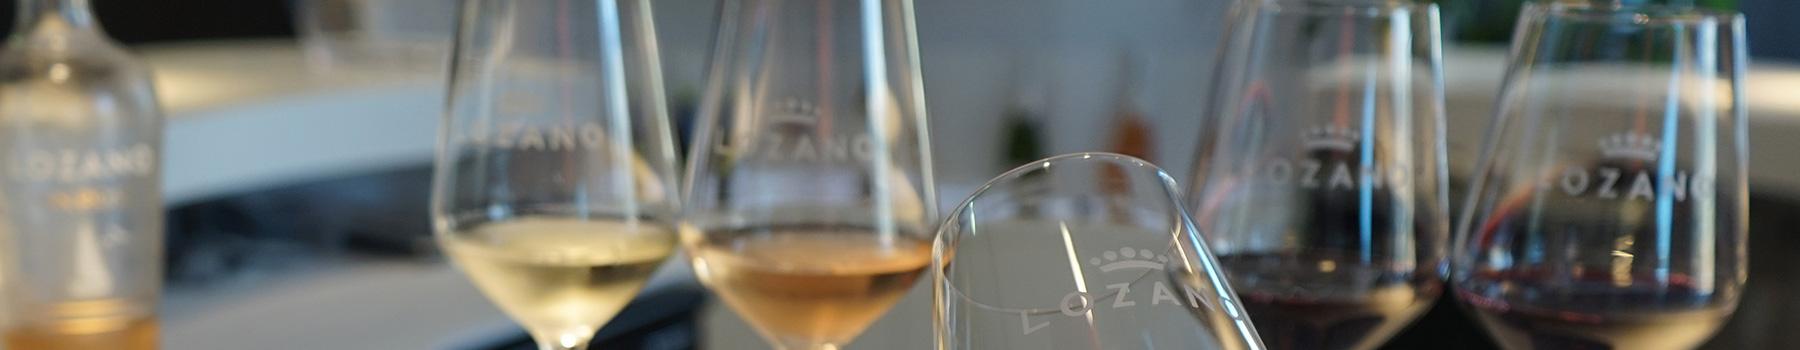 Enoturismo - Catas comentadas - Cata Lozano de 4 vinos - Bodegas Lozano